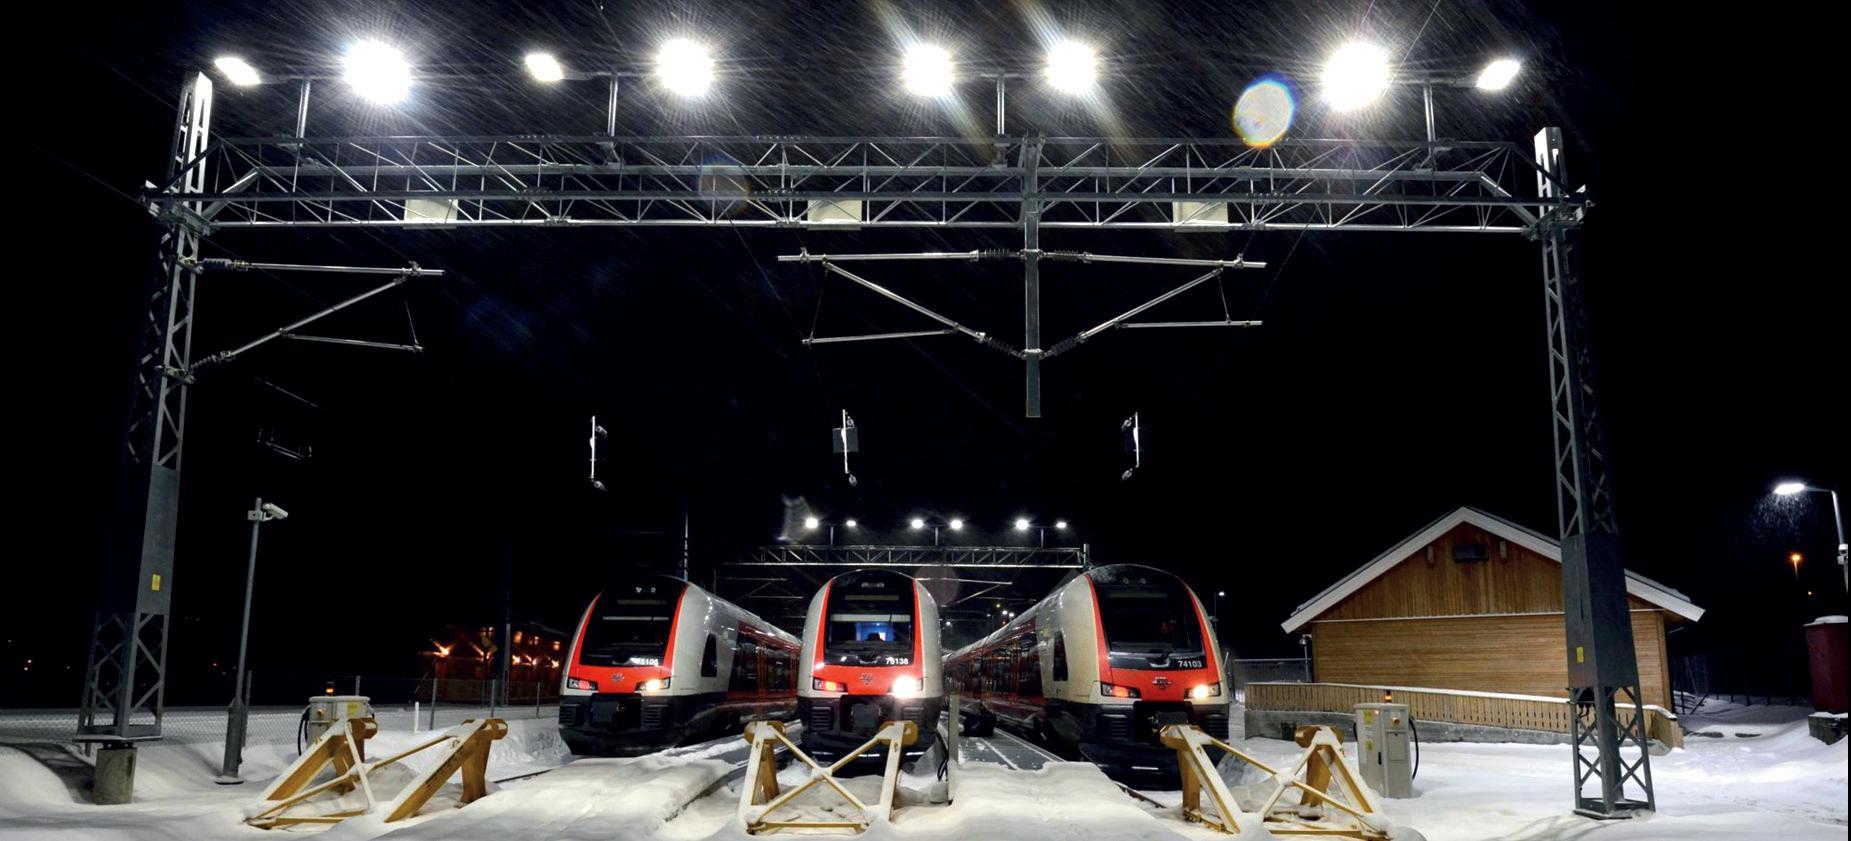 Togparkering på Eidsvold. Bilde i mørket med snø og snøvær. 3 tog vises i front med lysmast over som lyser sterkt..